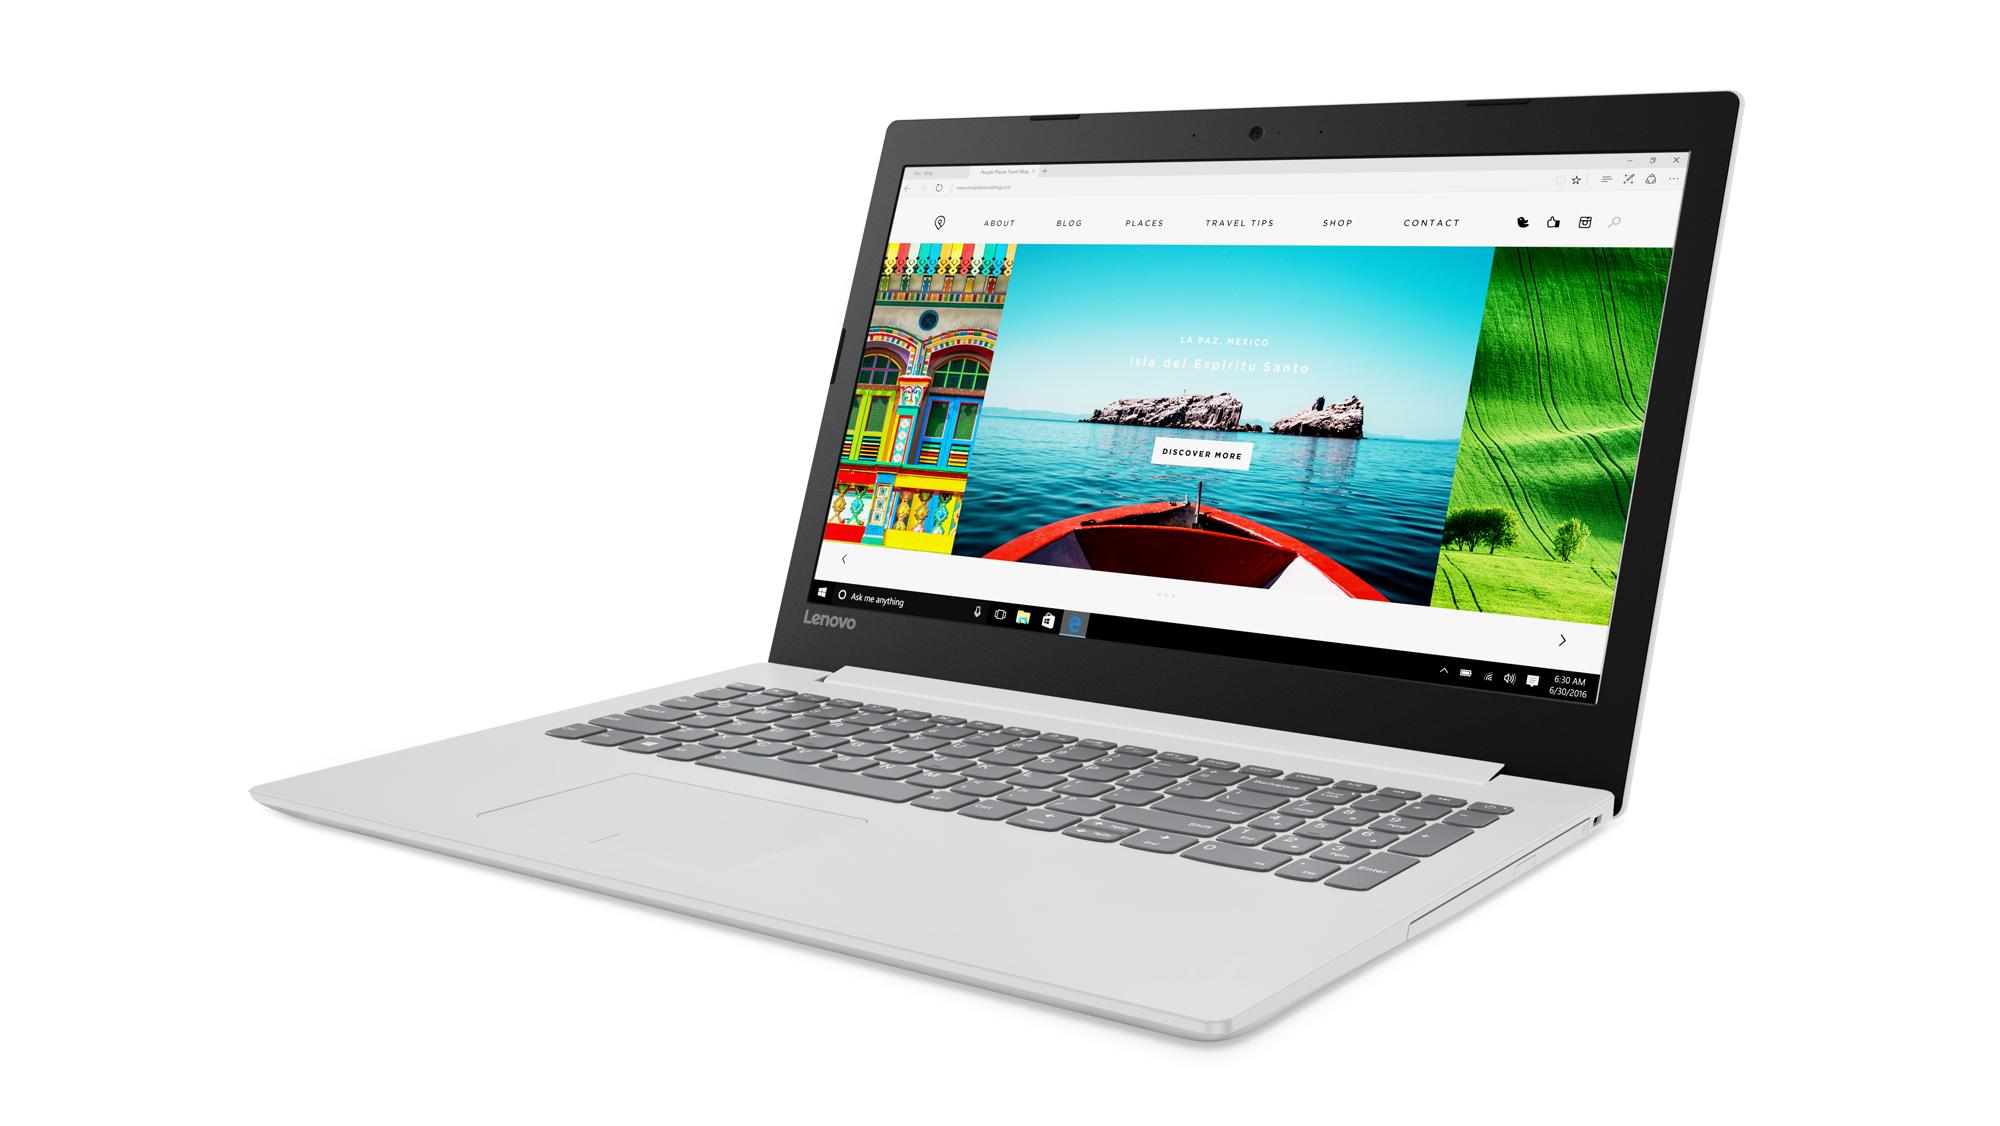 """Lenovo IdeaPad 320-15ISK i3-6006U 3,10GHz/4GB/SSD 128GB/15,6"""" FHD/AG/GeForce 2GB/WIN10 bílá 80XH003PCK"""